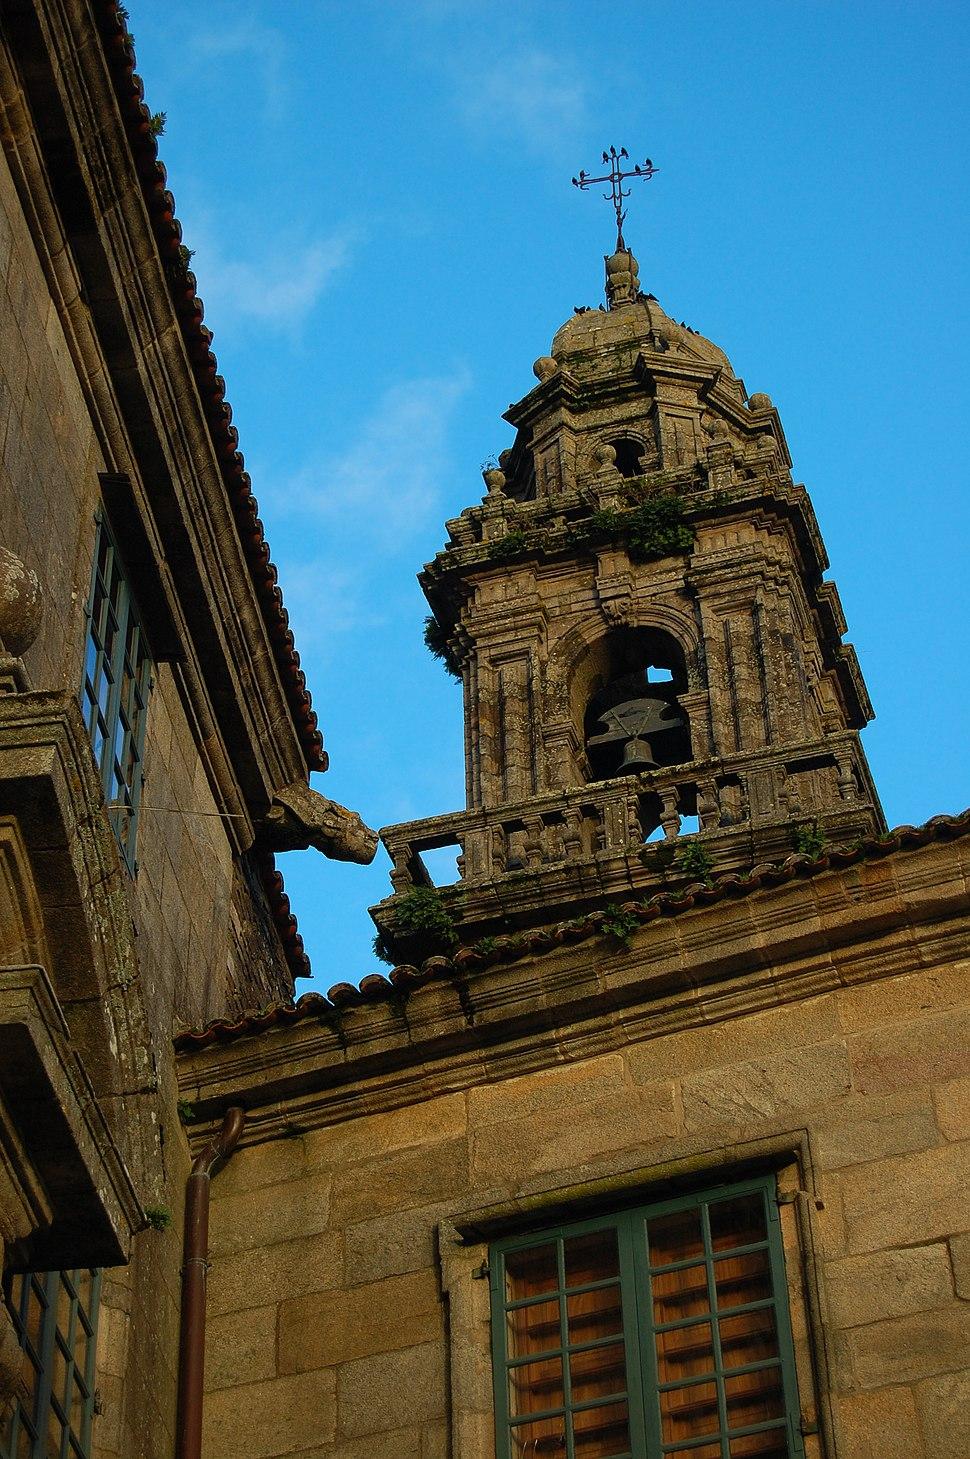 Igrexa de San Domingos de Bonaval en Santiago de Compostela 1II2014 01